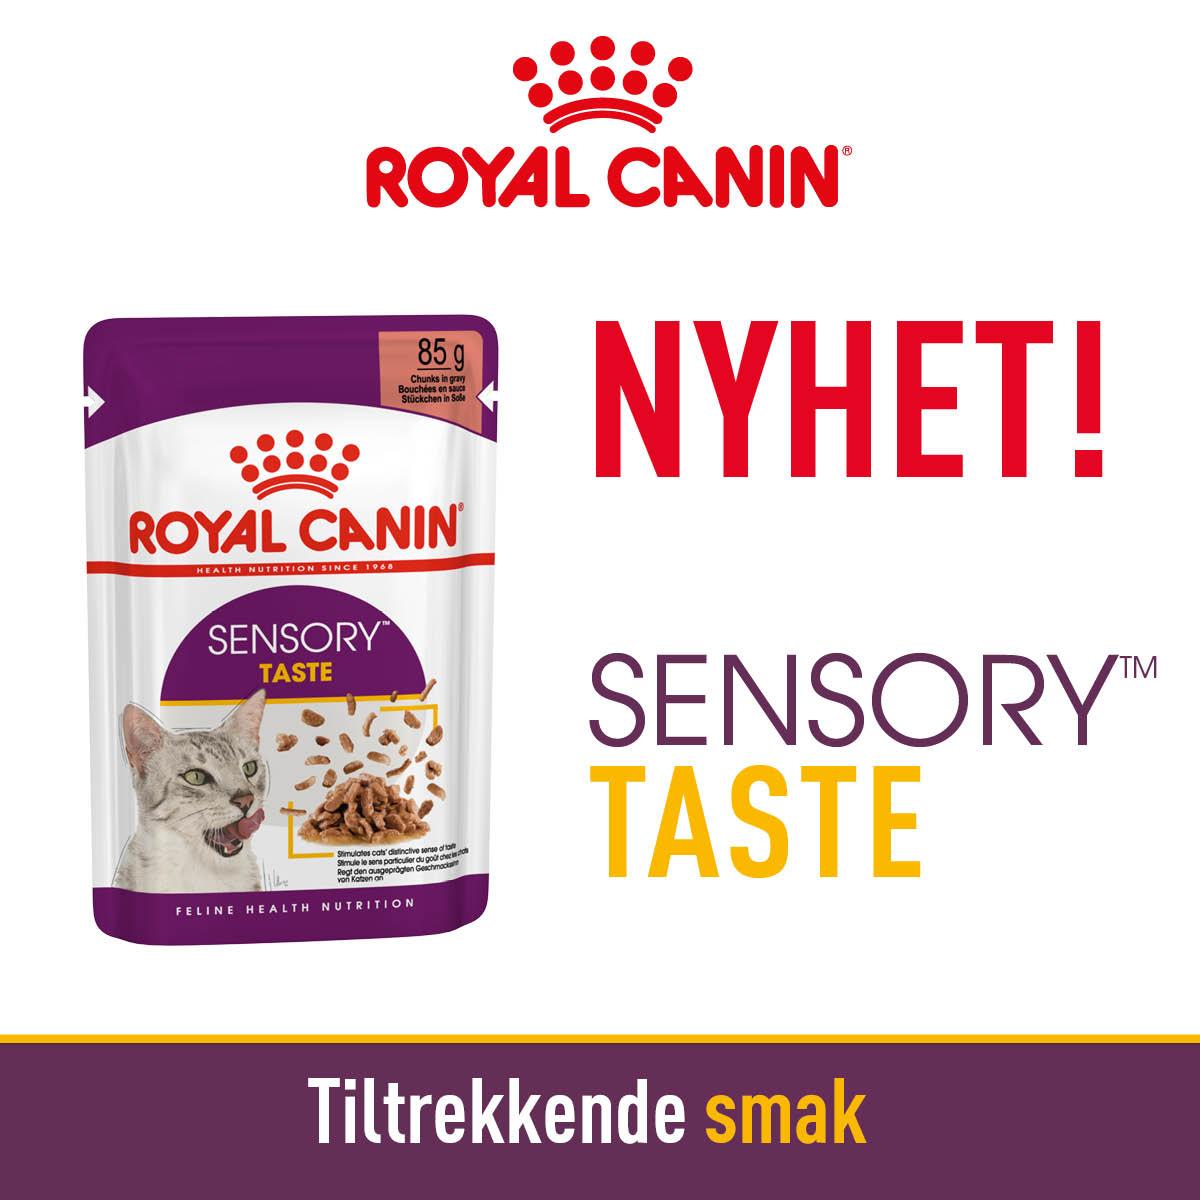 Royal canin Våtfor Sensory Taste 1285gr